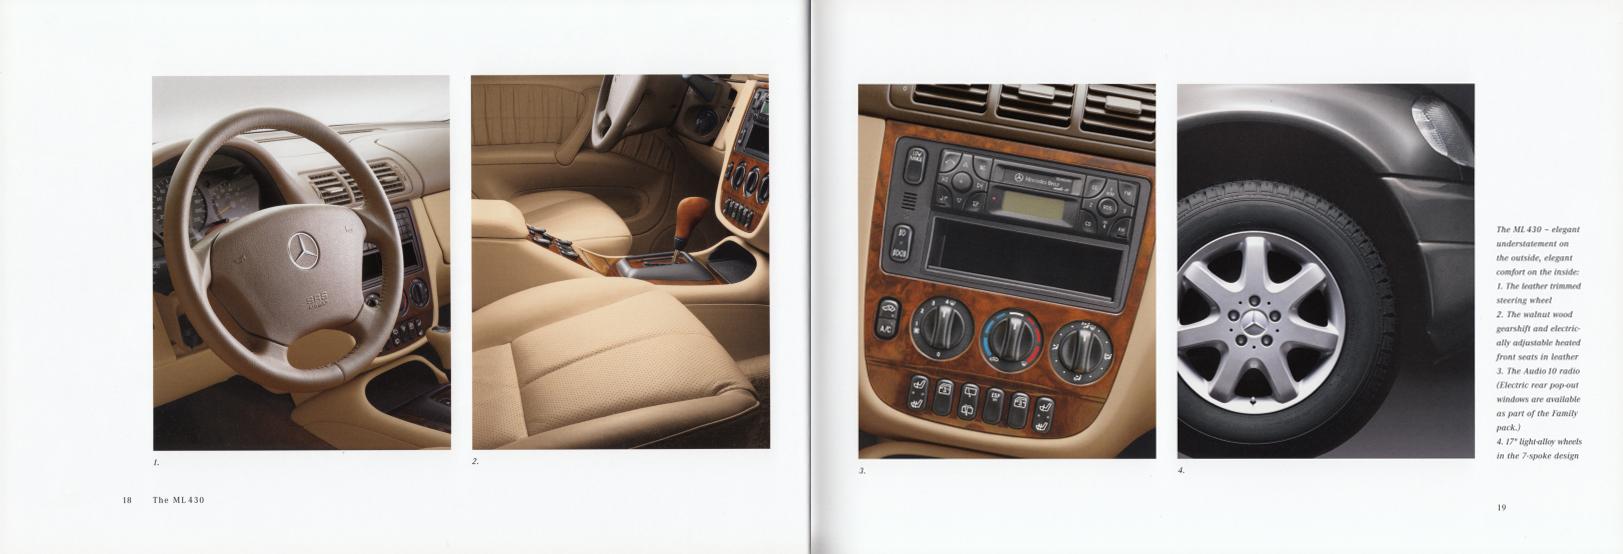 (W163): Catálogo 2001 (1) - inglês 011